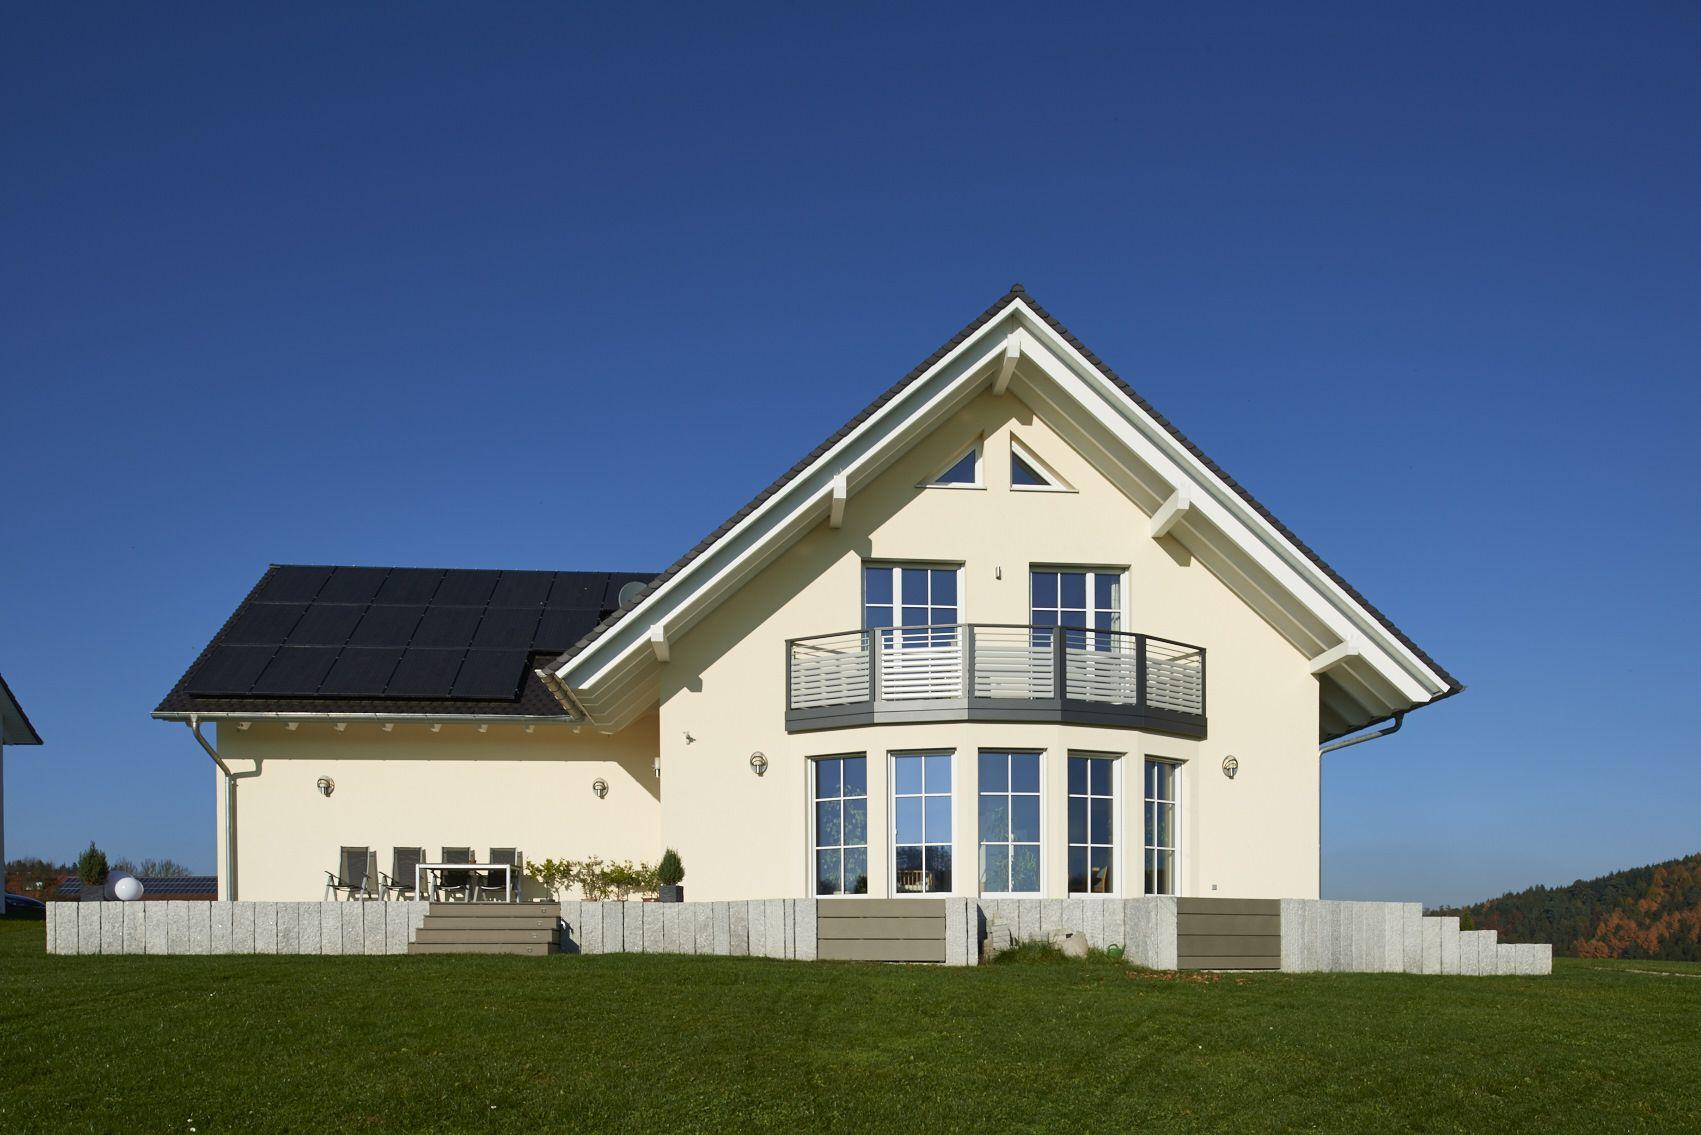 großzügiges Holzhaus mit Satteldach, Putzfassade, Aumann Haus in ...